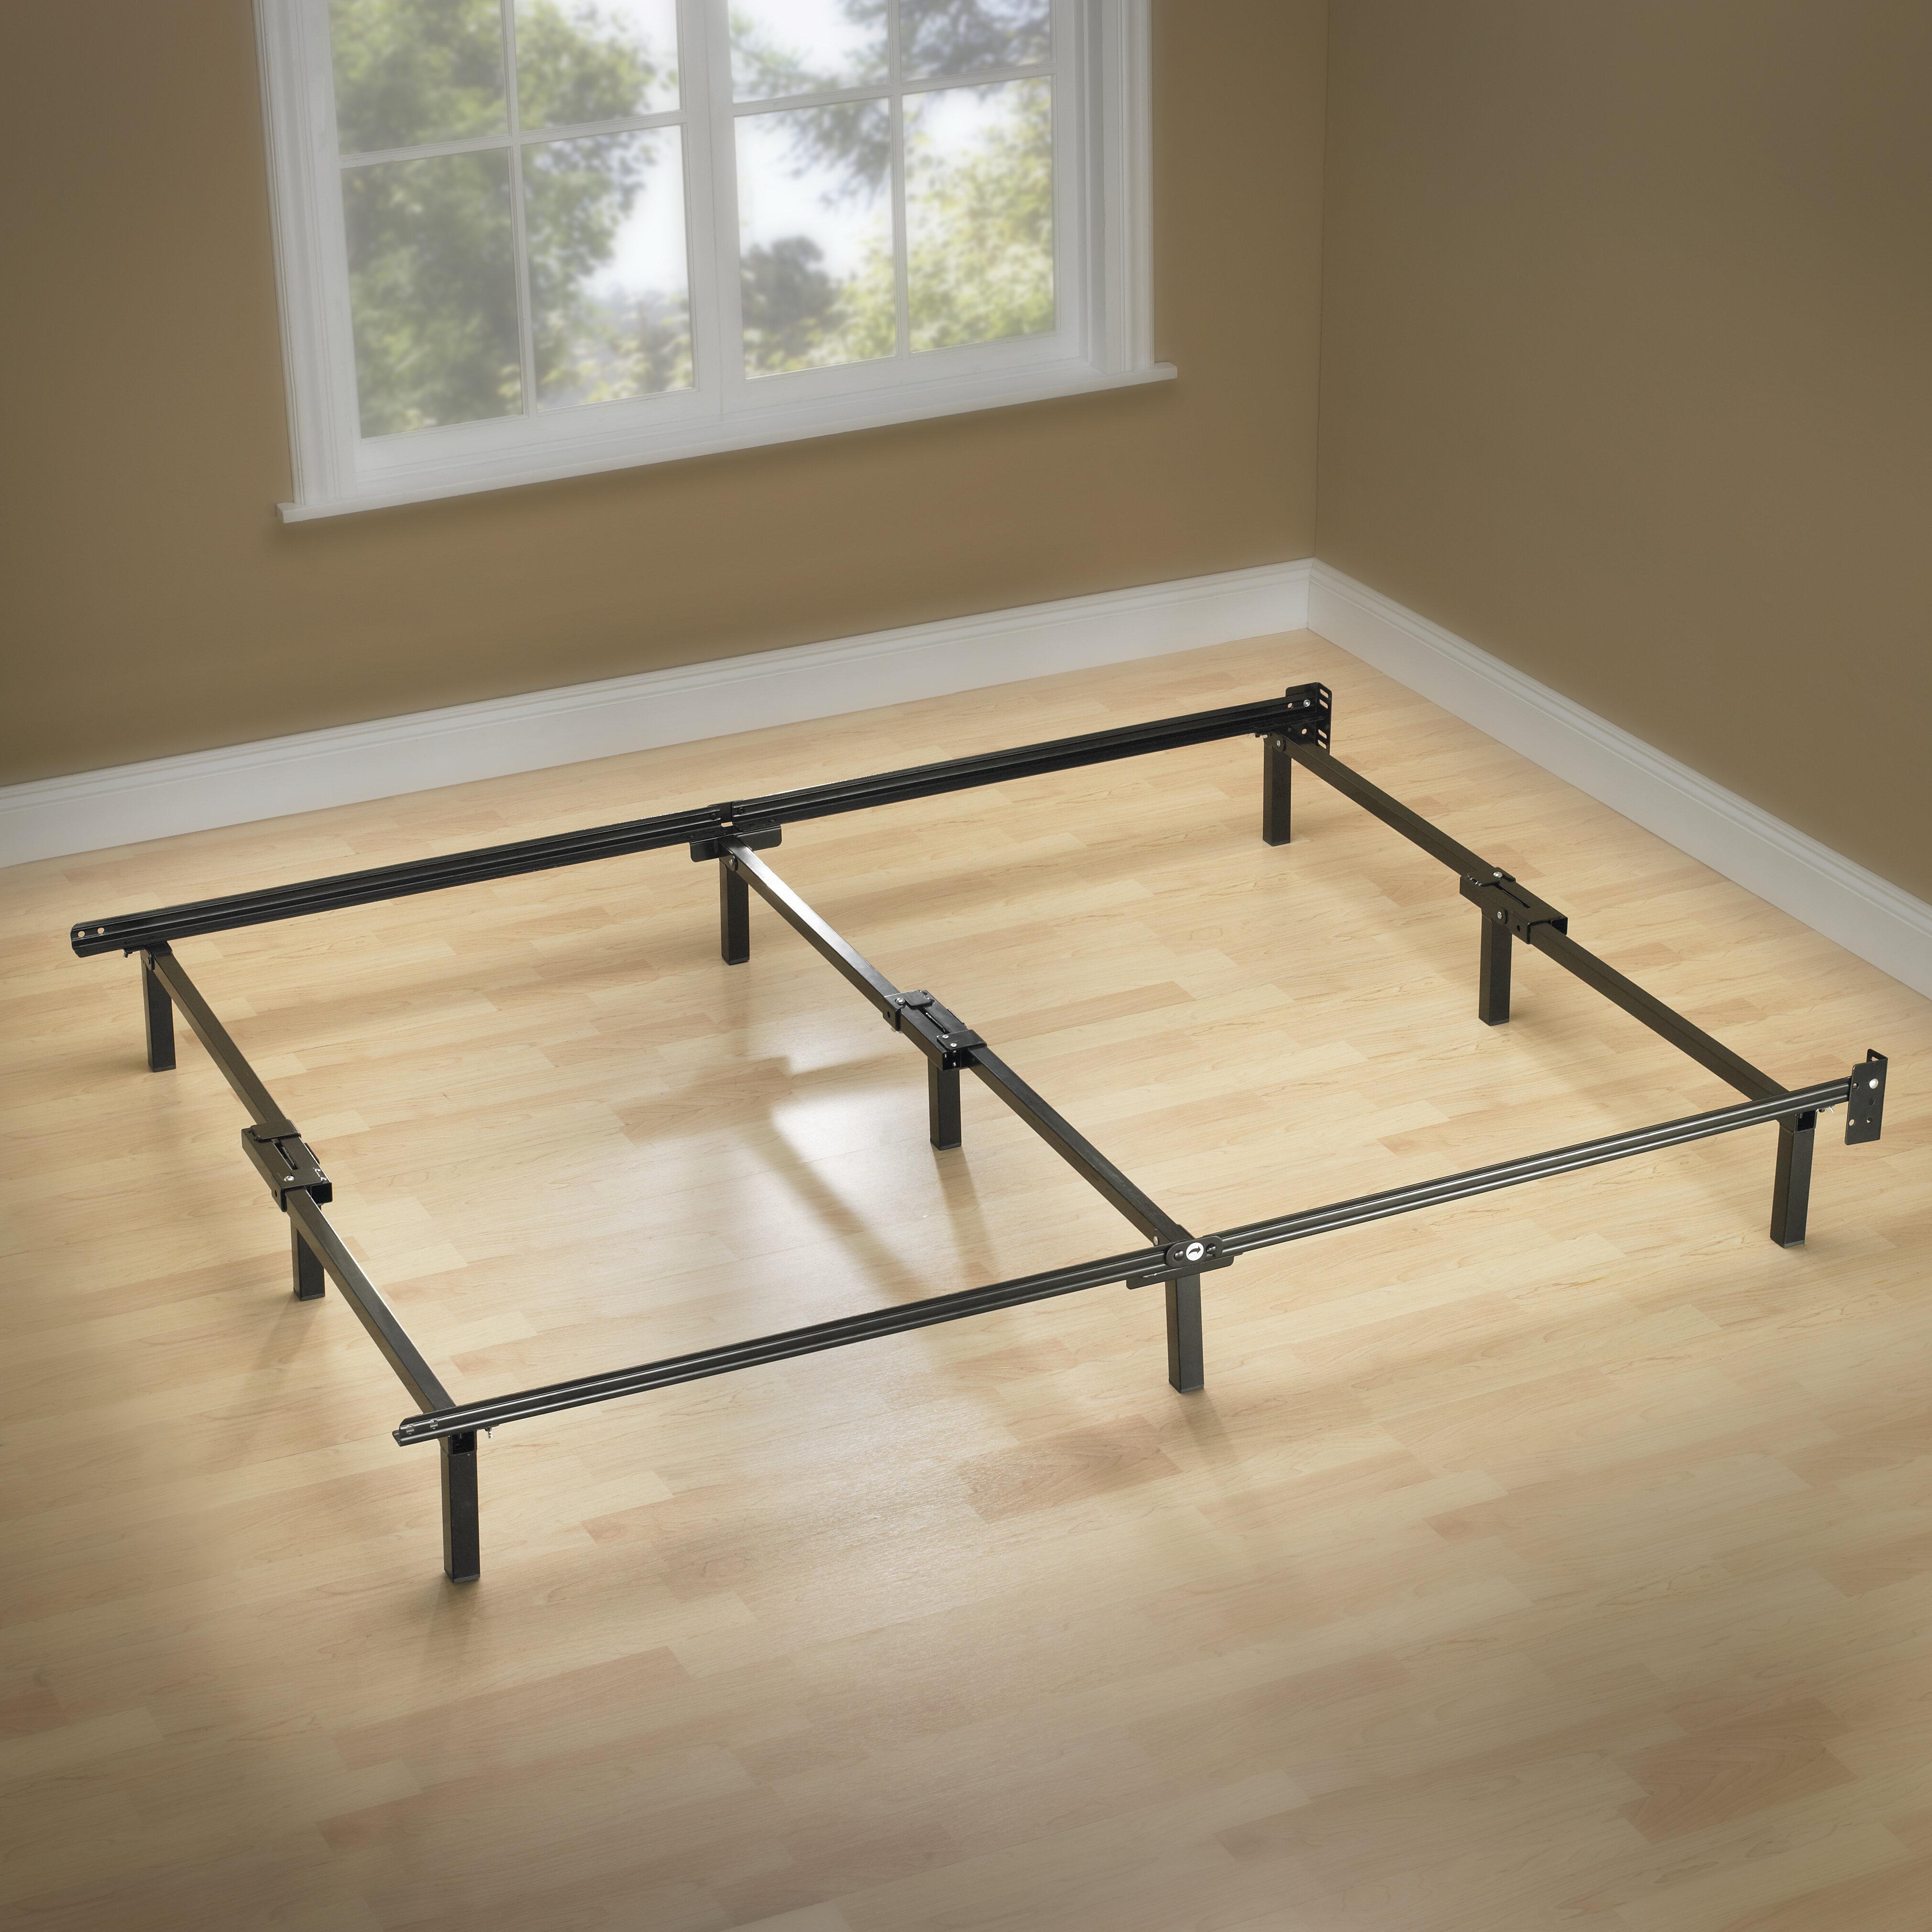 Adjustable-Size Bed Frame